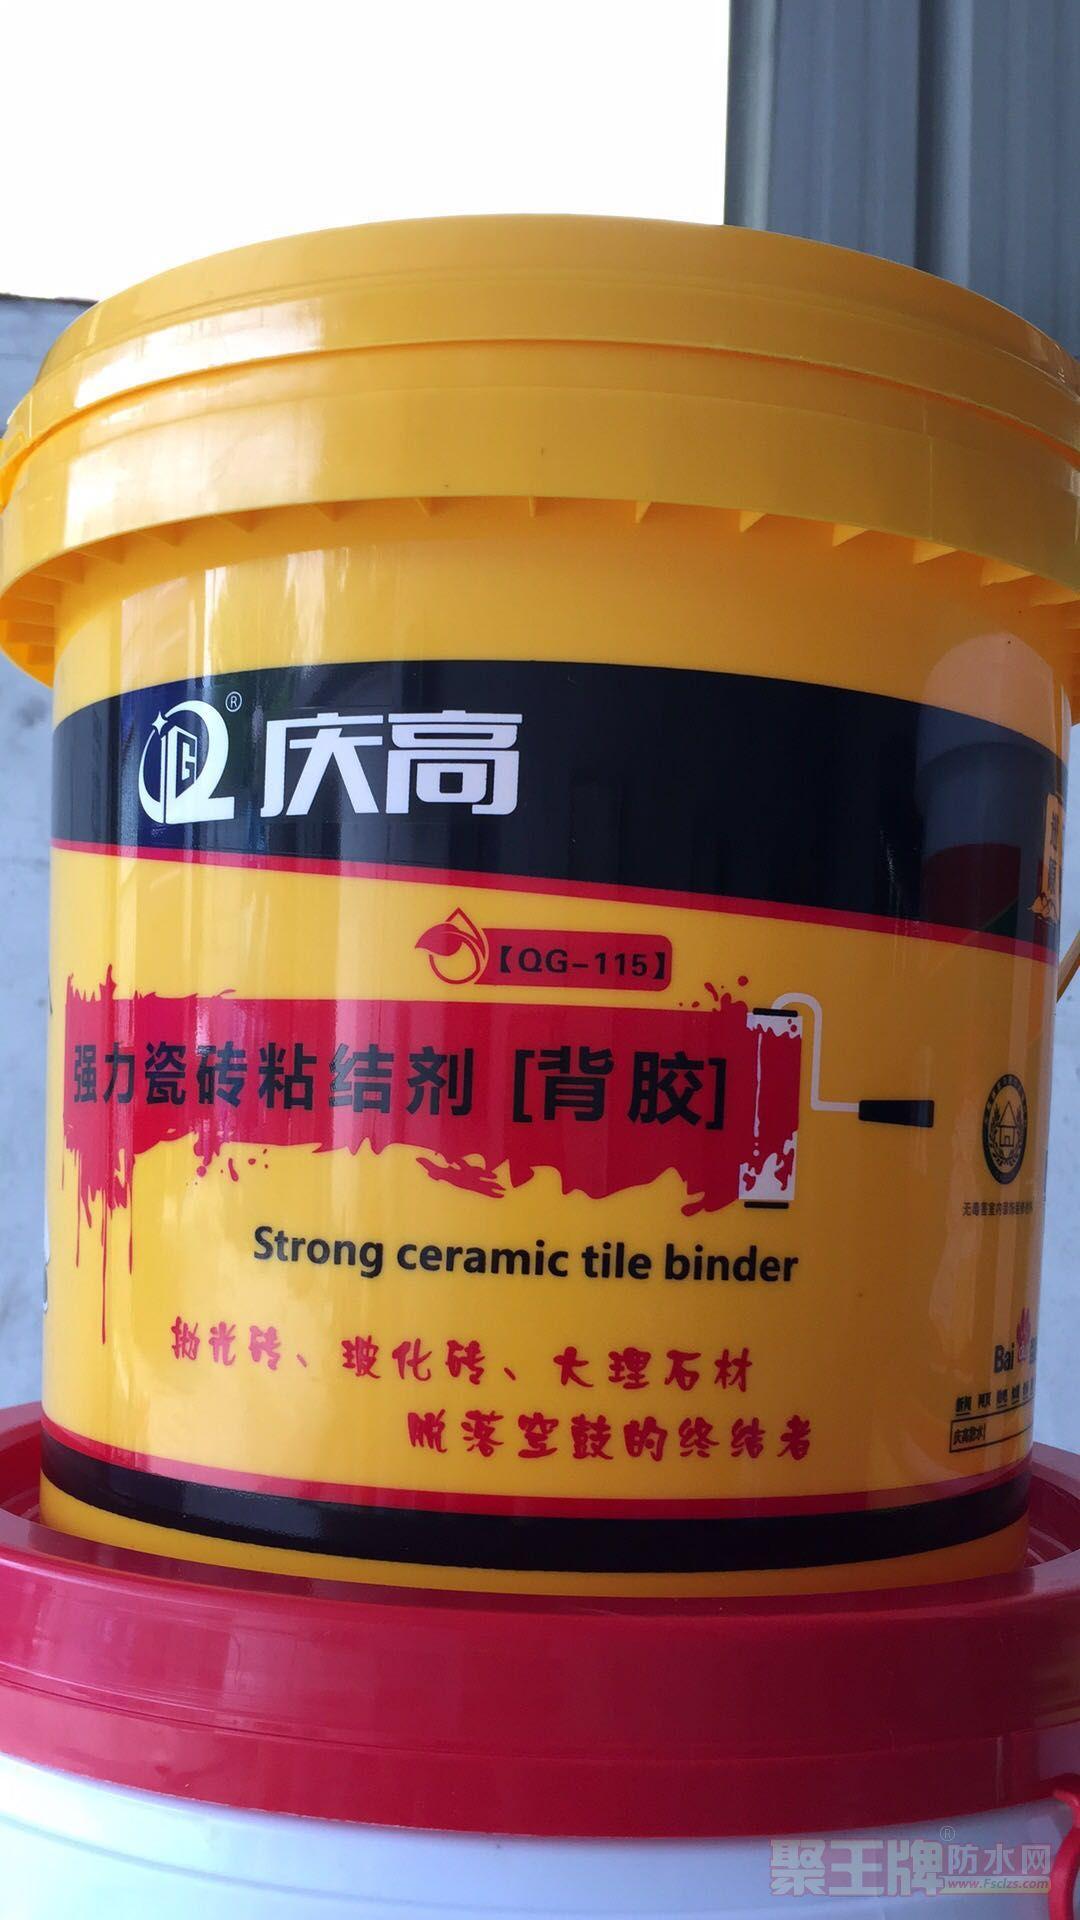 强力瓷砖粘结剂、广东庆高十大品牌首选